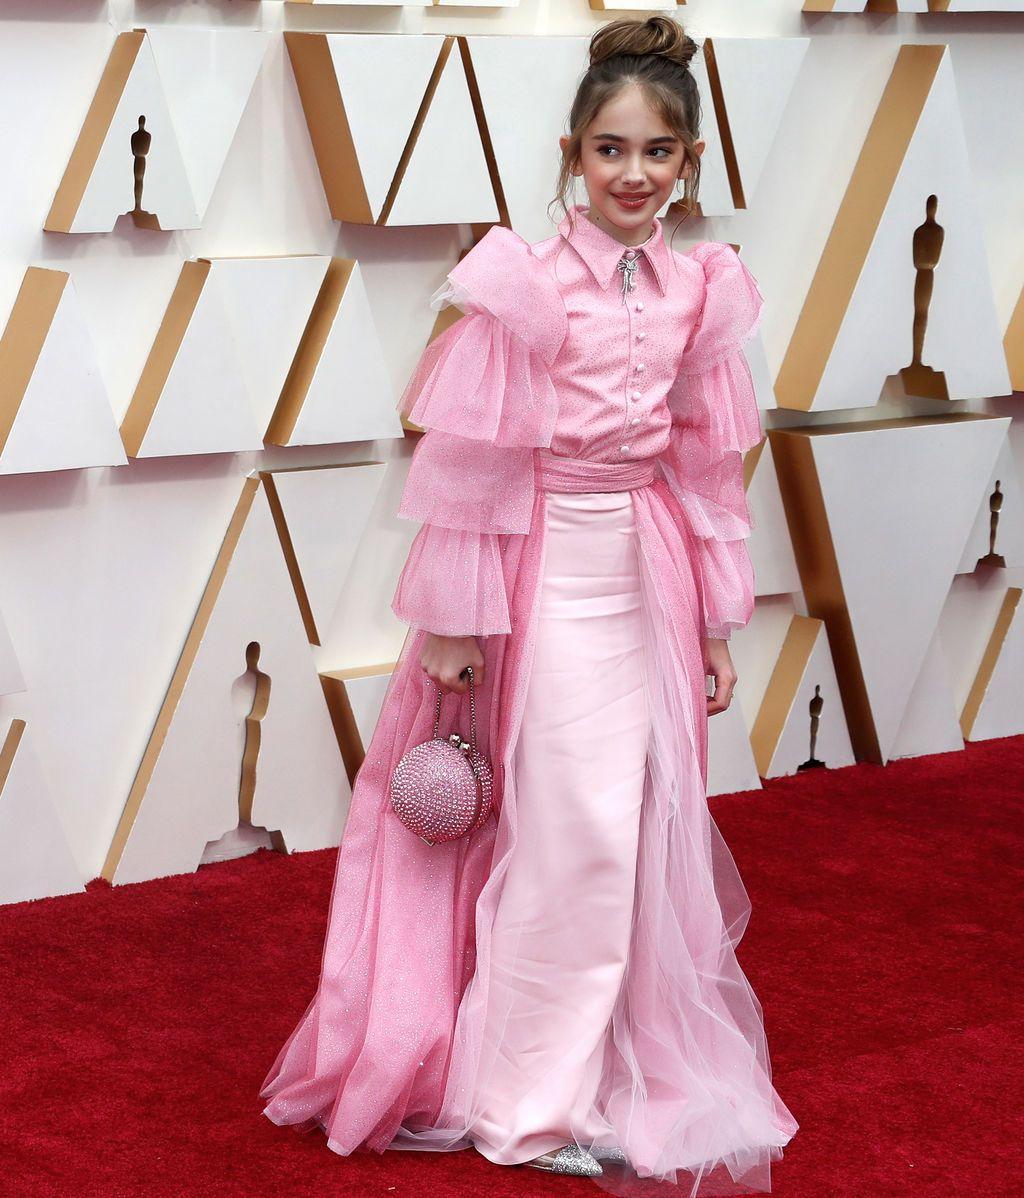 Julia Butters posa en la alfombra roja de los Premios Óscar 2020